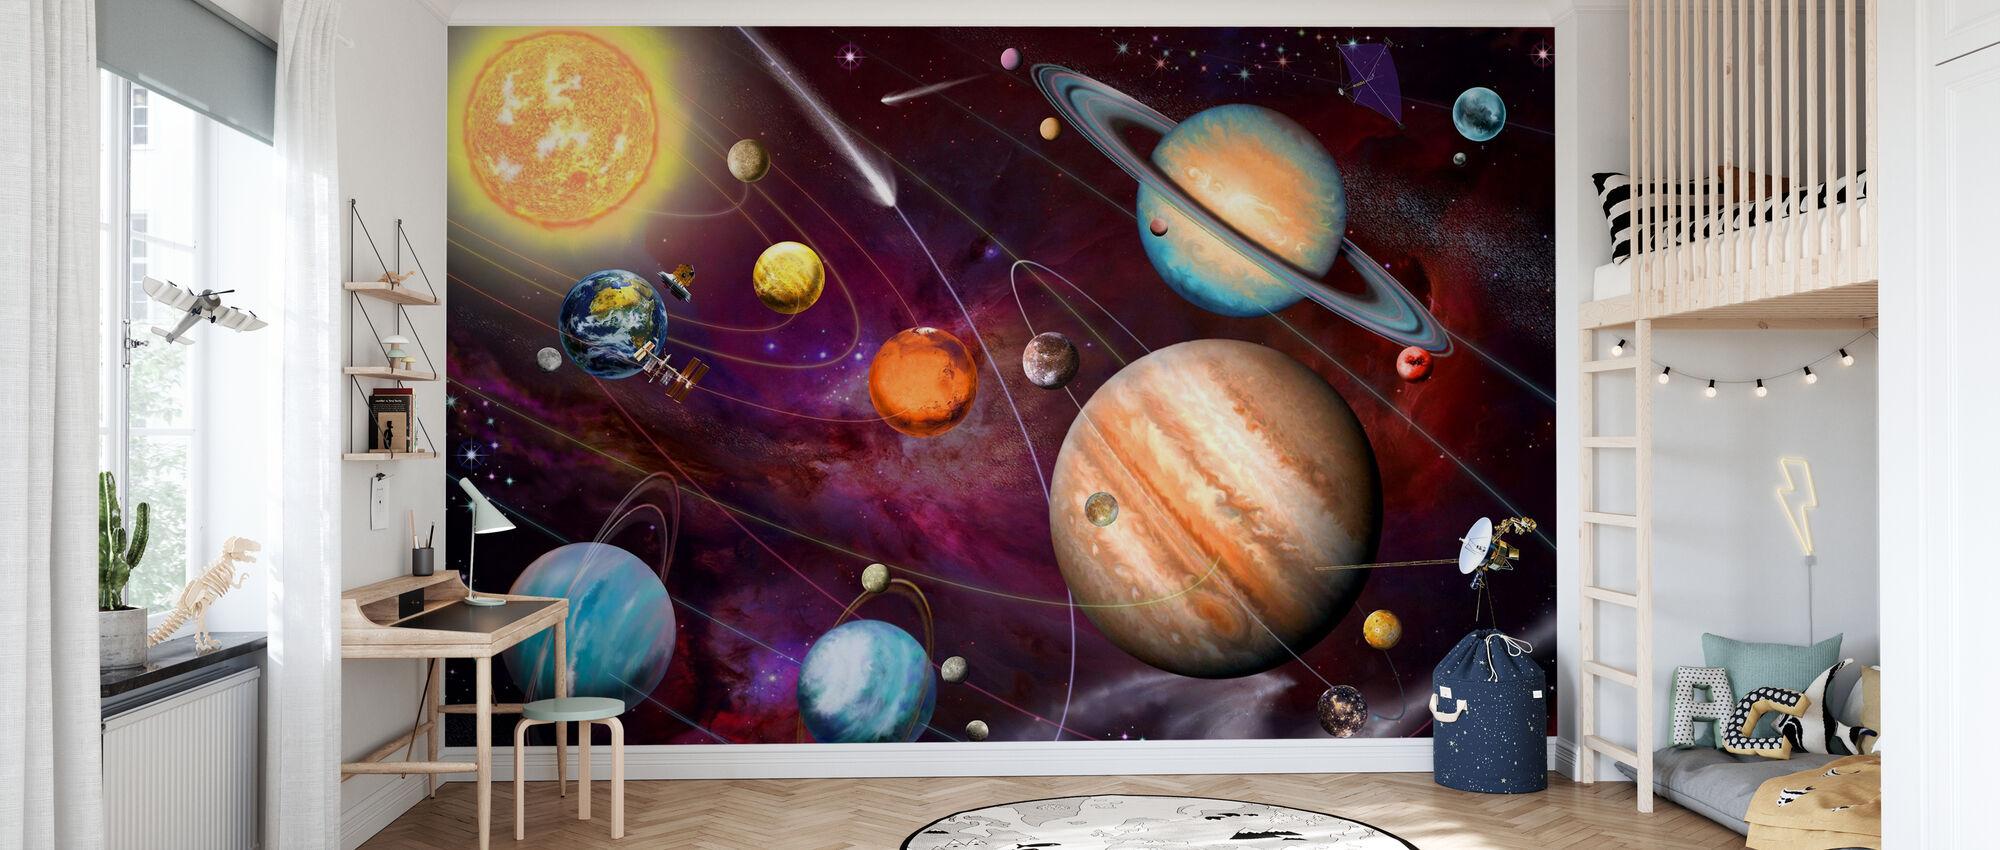 Solar System 2 - Wallpaper - Kids Room